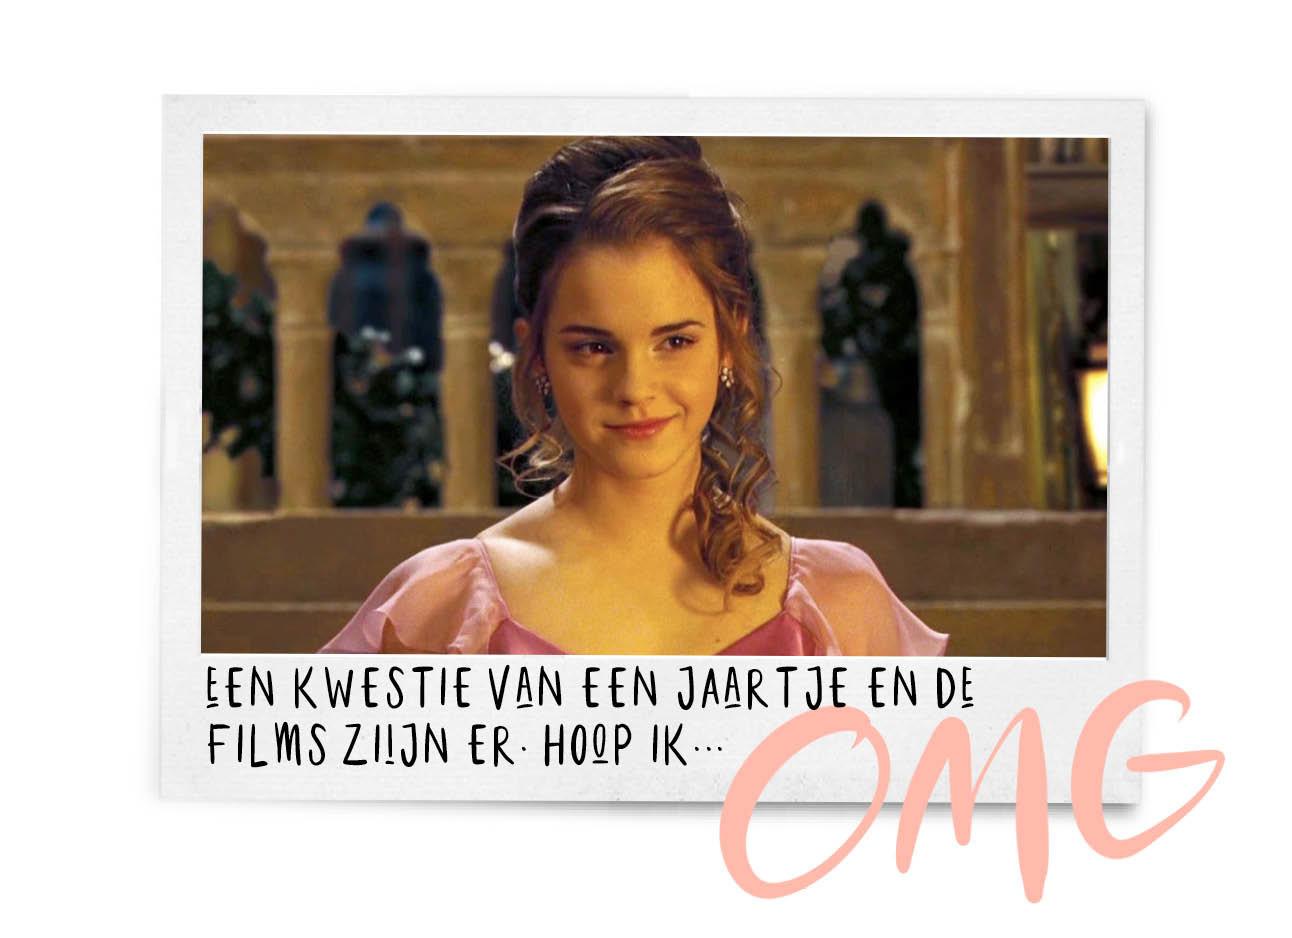 hermione in een roze jurk